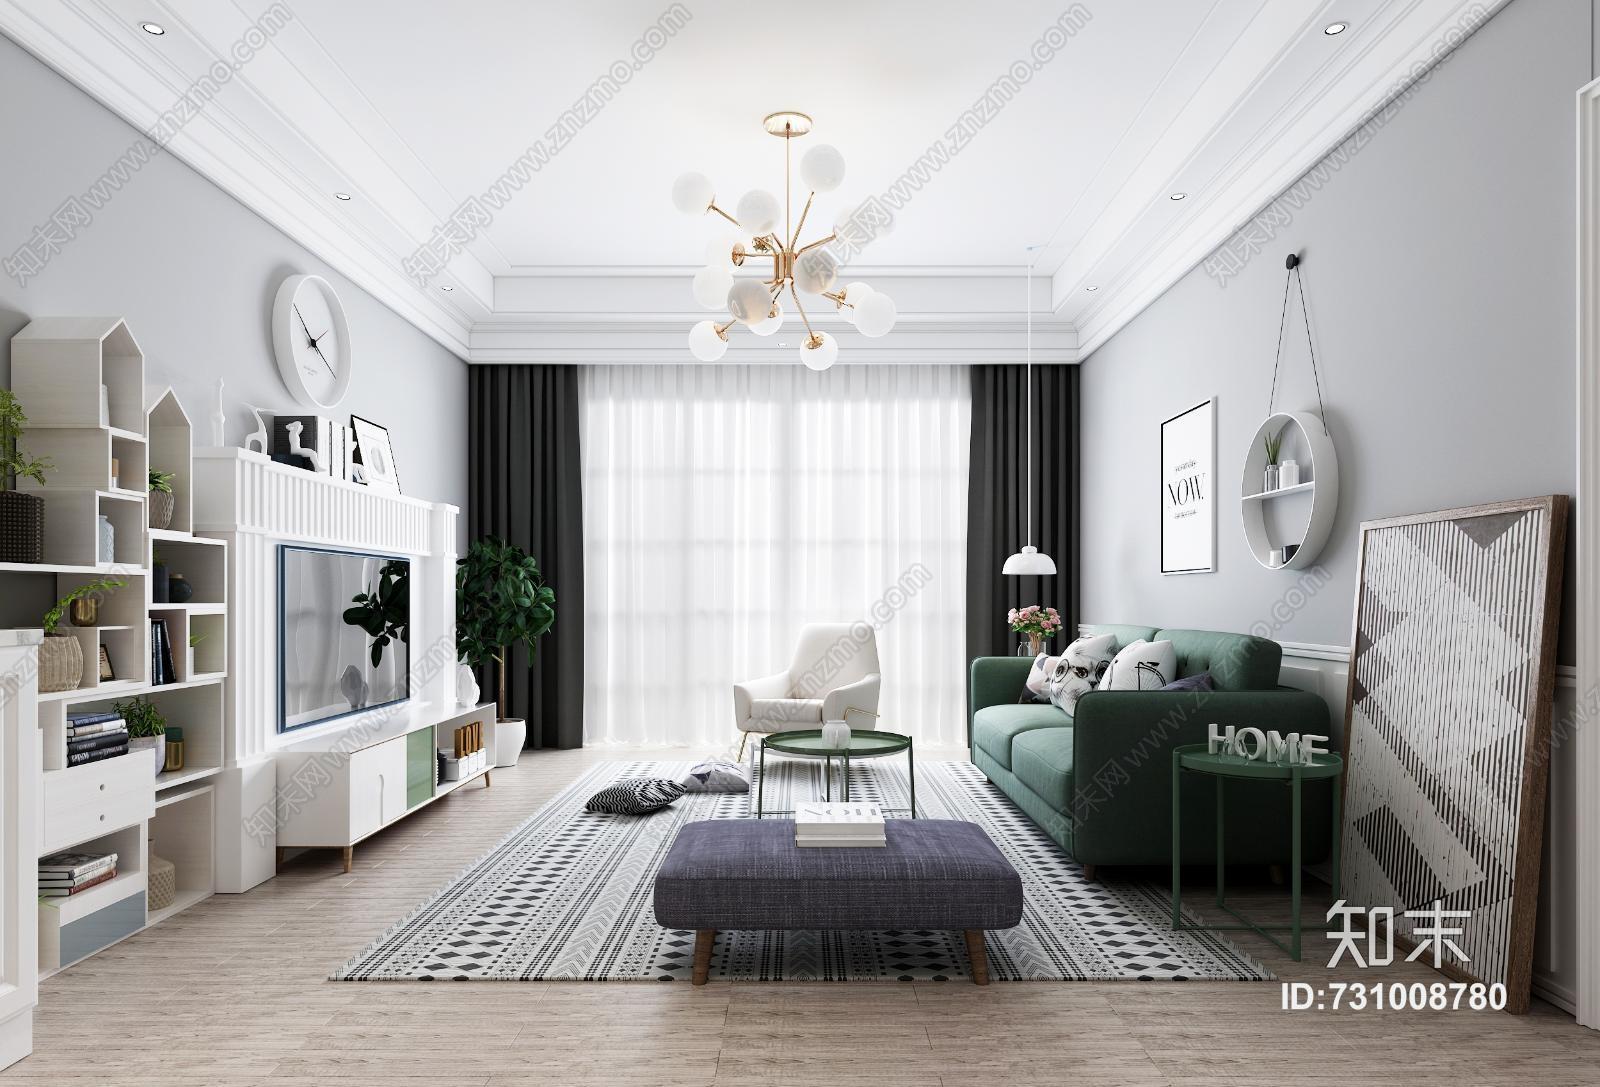 北欧客厅 沙发茶几 吊灯 装饰摆件 书柜书架 餐桌椅